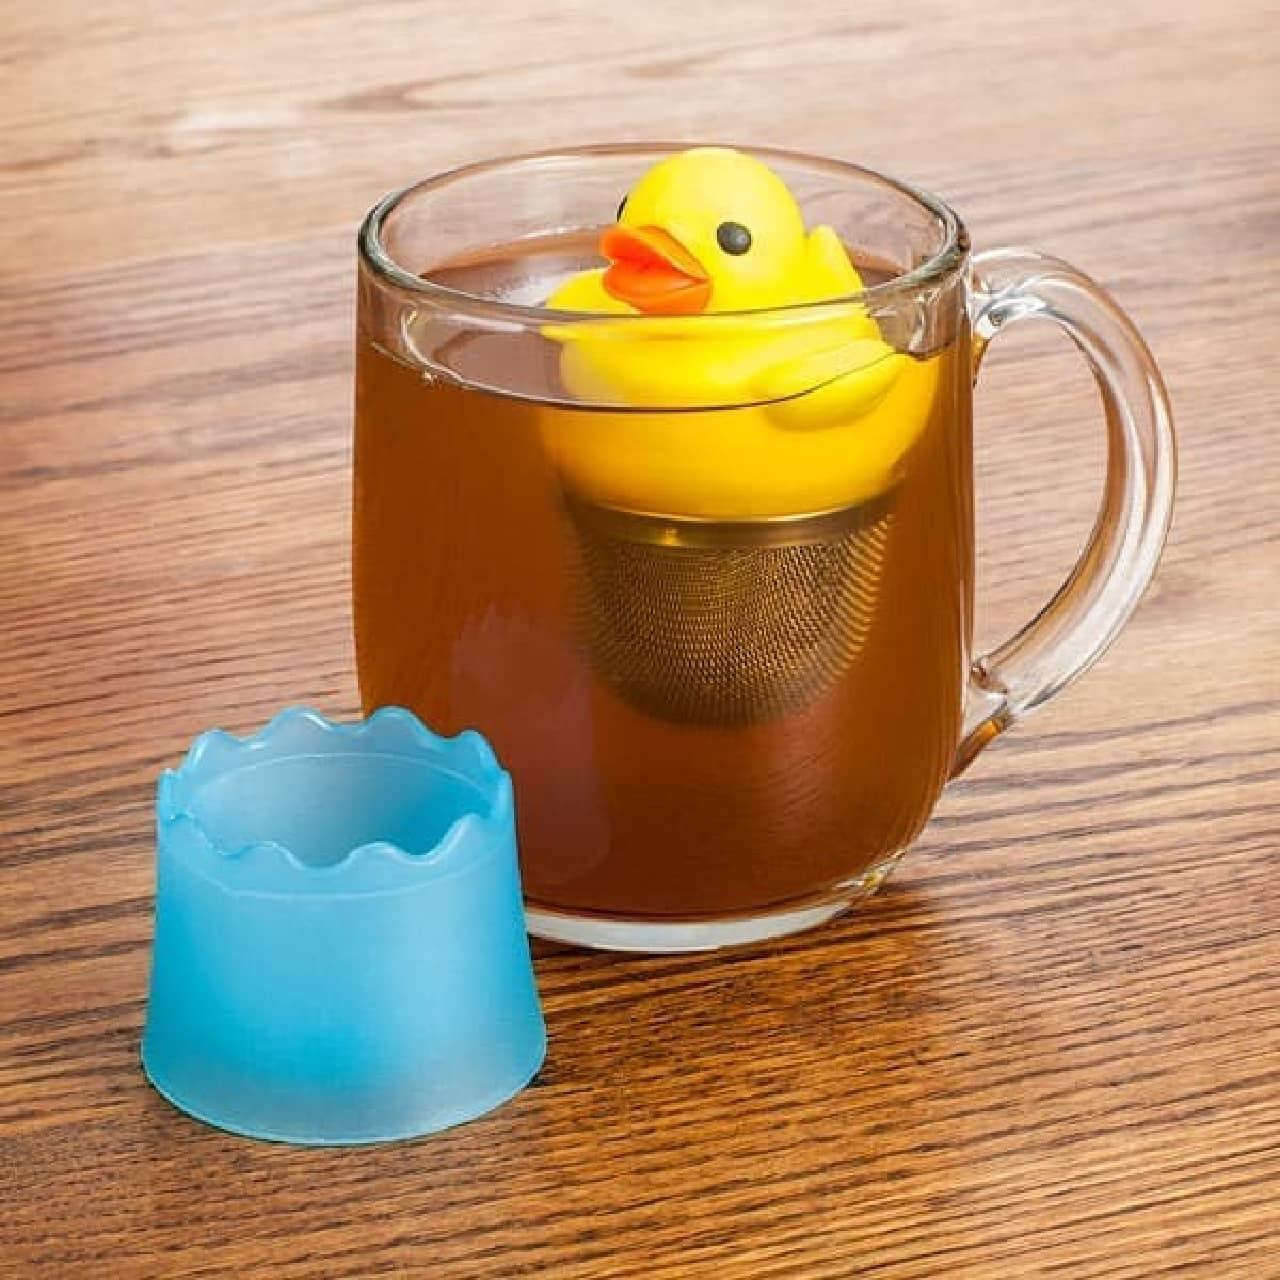 アヒル型のティーインフューザー「Duck Tea Infuser」